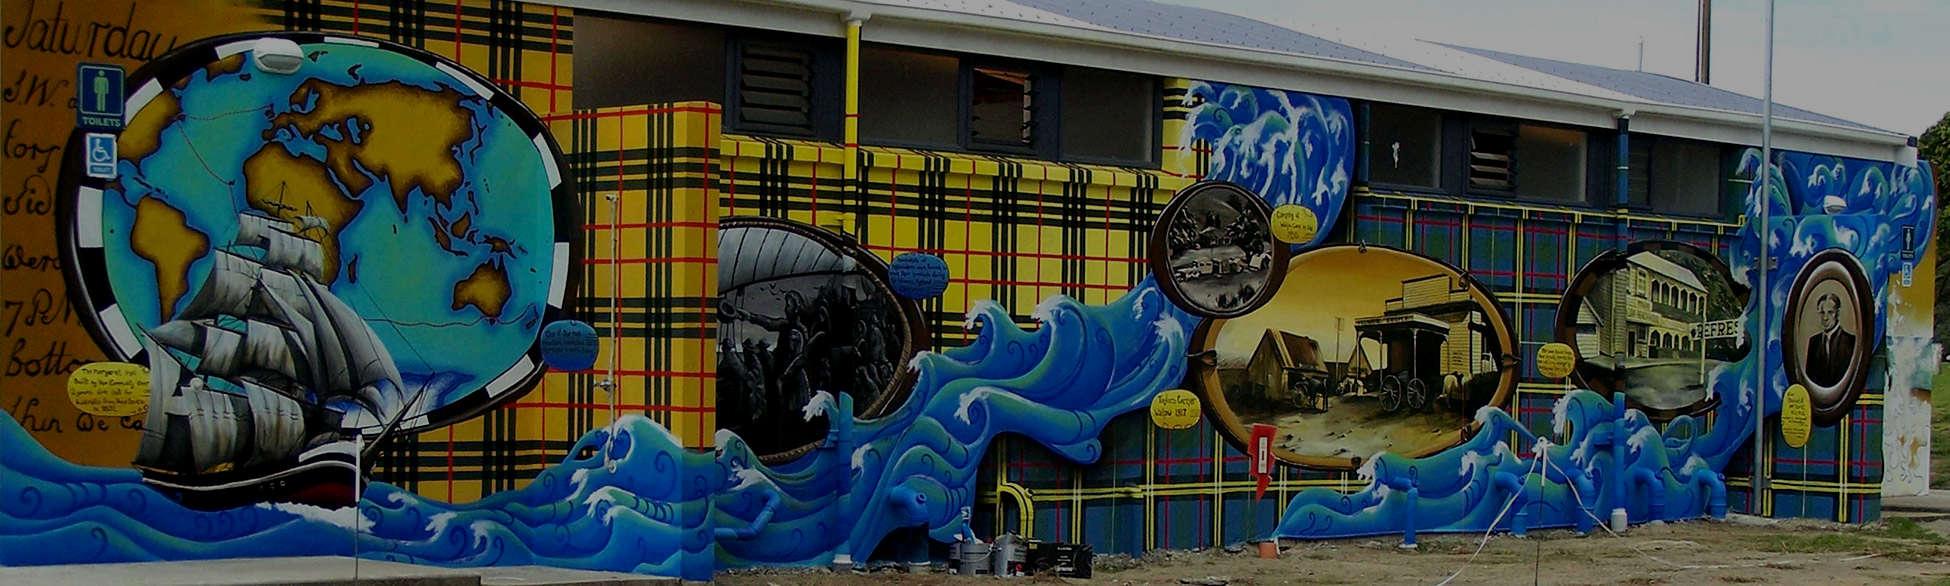 Waipu Cove Murals toilets @Dan Mills Paintings